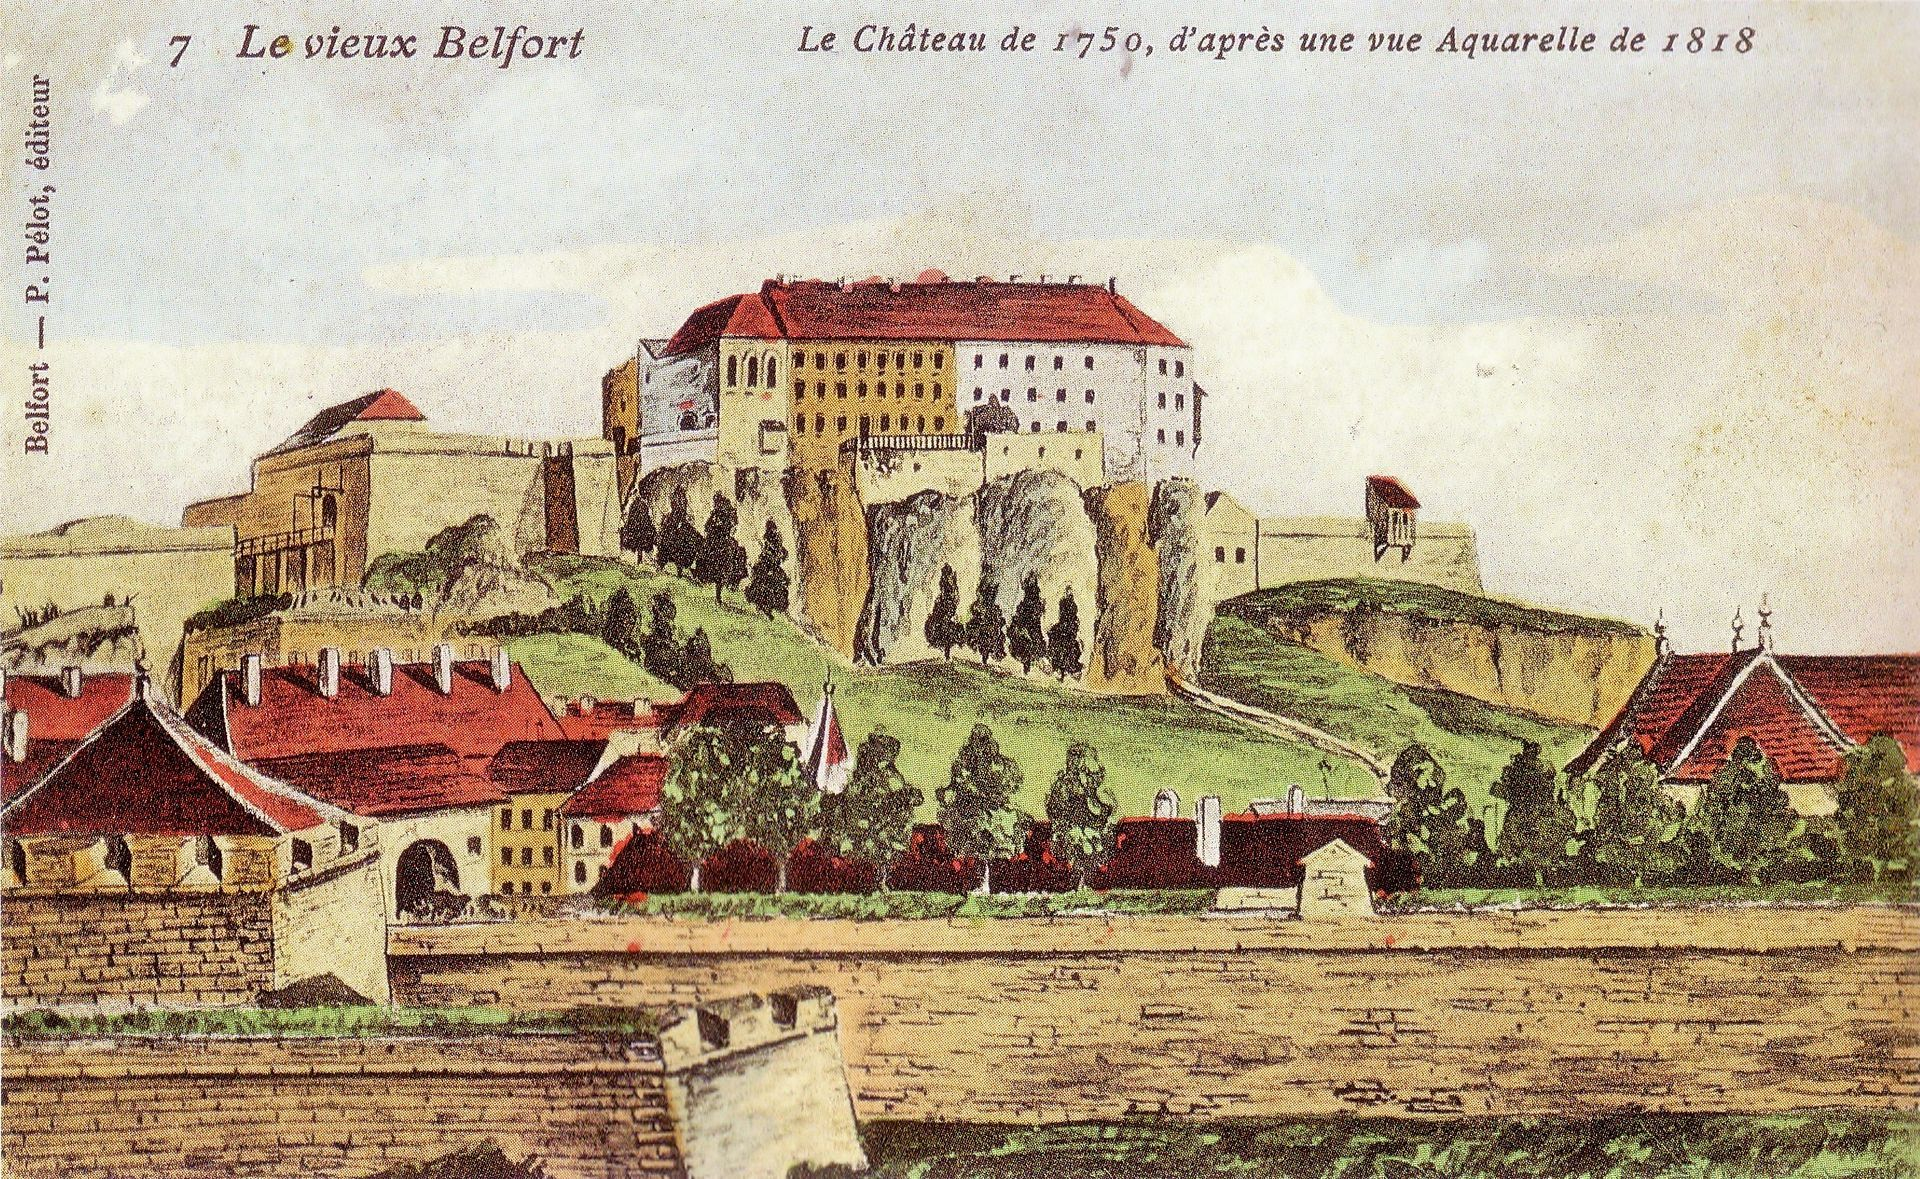 aquarelle représentant le vieux Belfort en 1750 (avec images) | Territoire de belfort, Ville ...